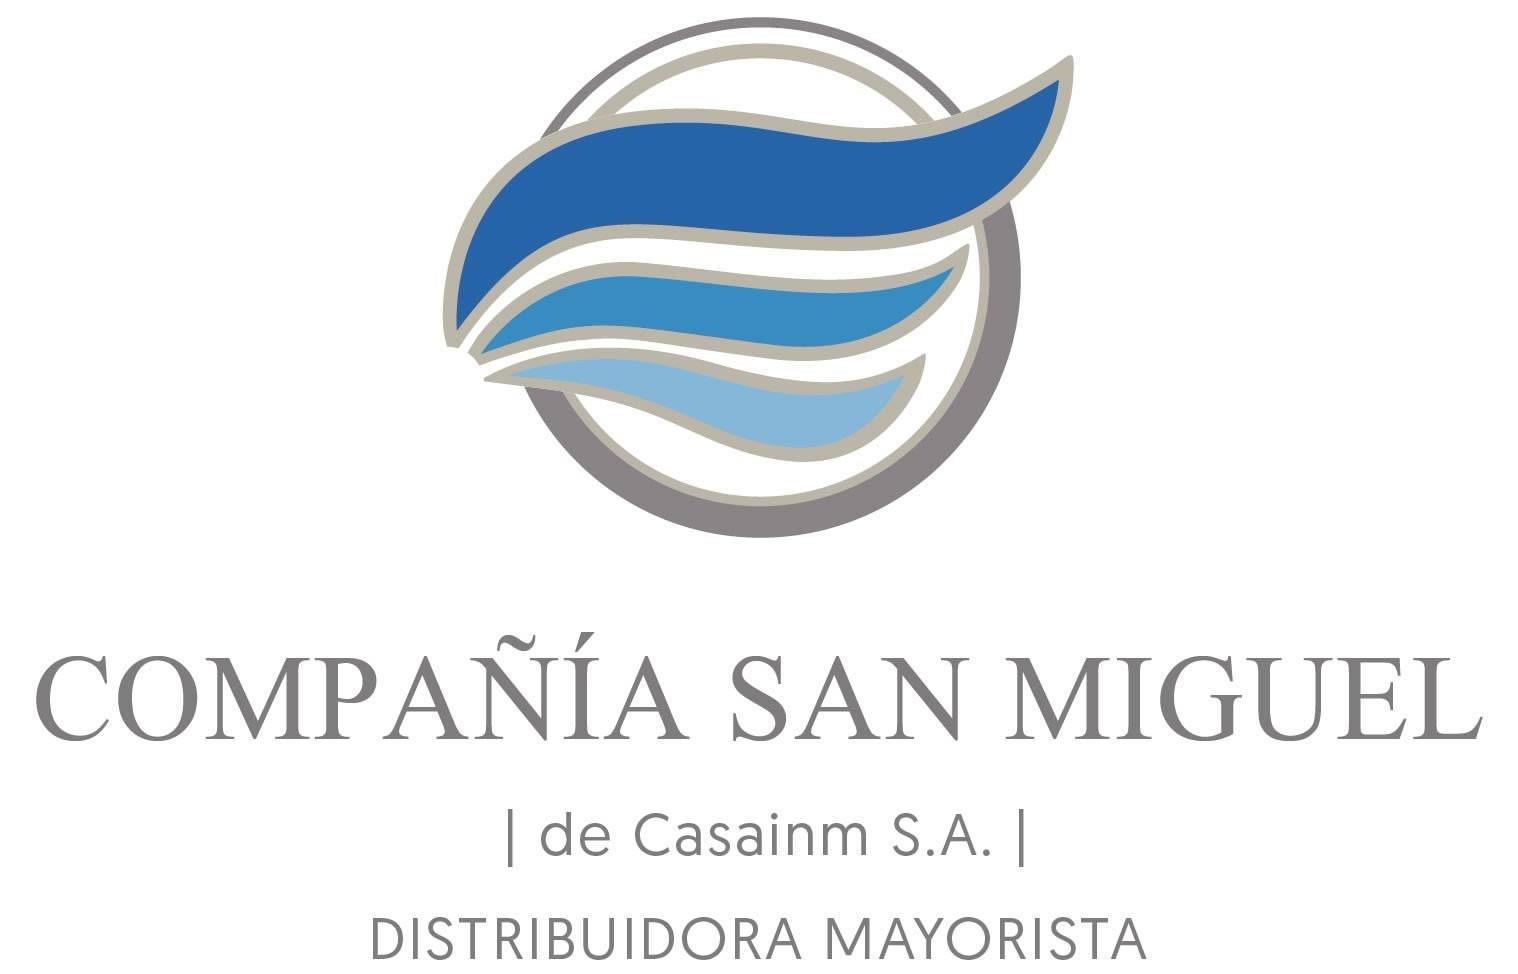 Distribuidora Mayorista Cia. San Miguel